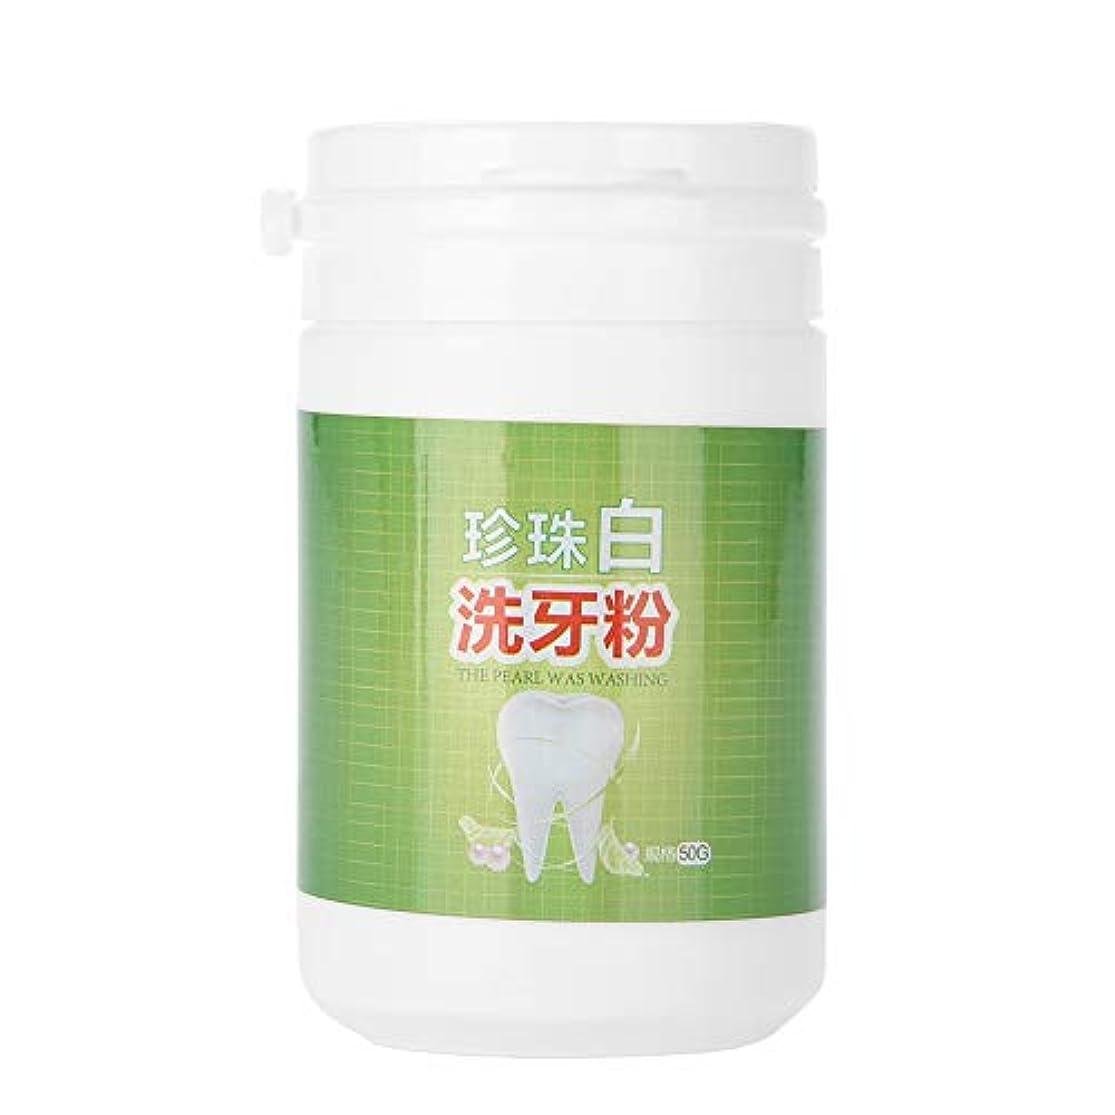 黒板カリキュラムシンボル50g歯ホワイトニングパウダーティーコーヒー汚れ口臭除去オーラルケアパウダー - 歯ホワイトニングパウダー